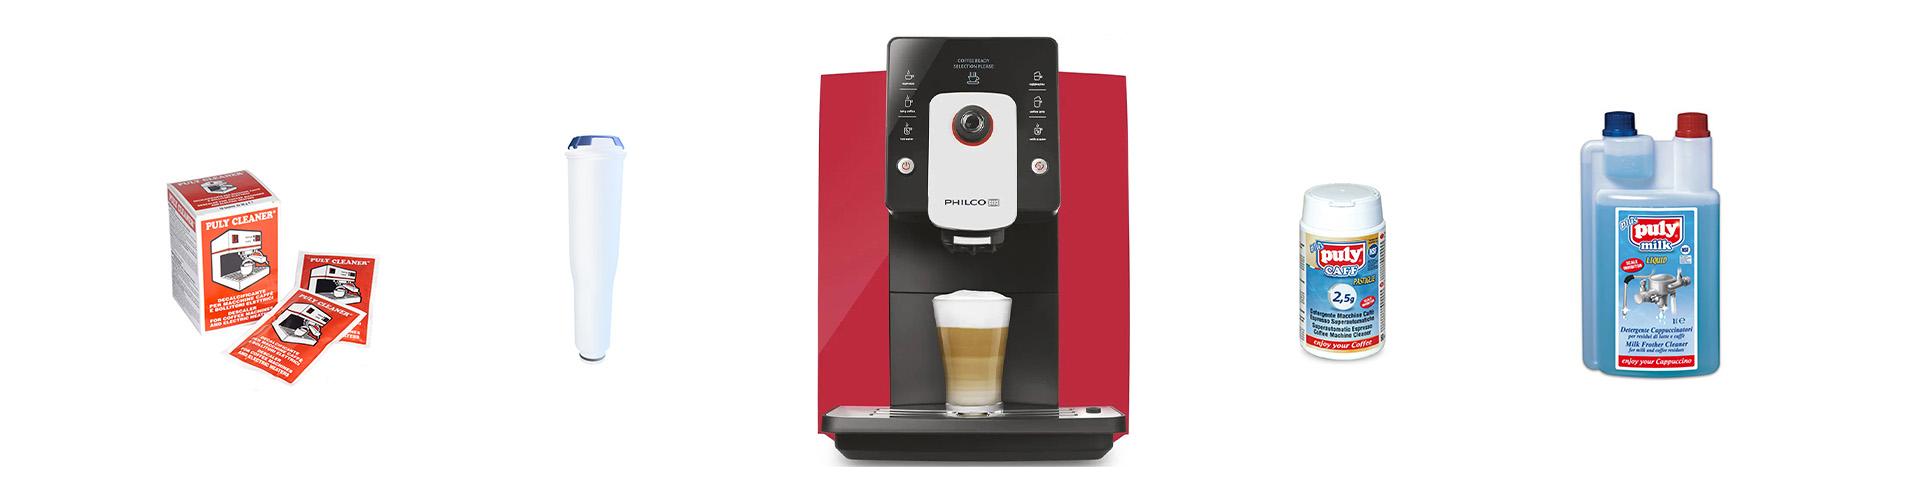 Čištění a údržba: Jak správně vyčistit automatický kávovar?